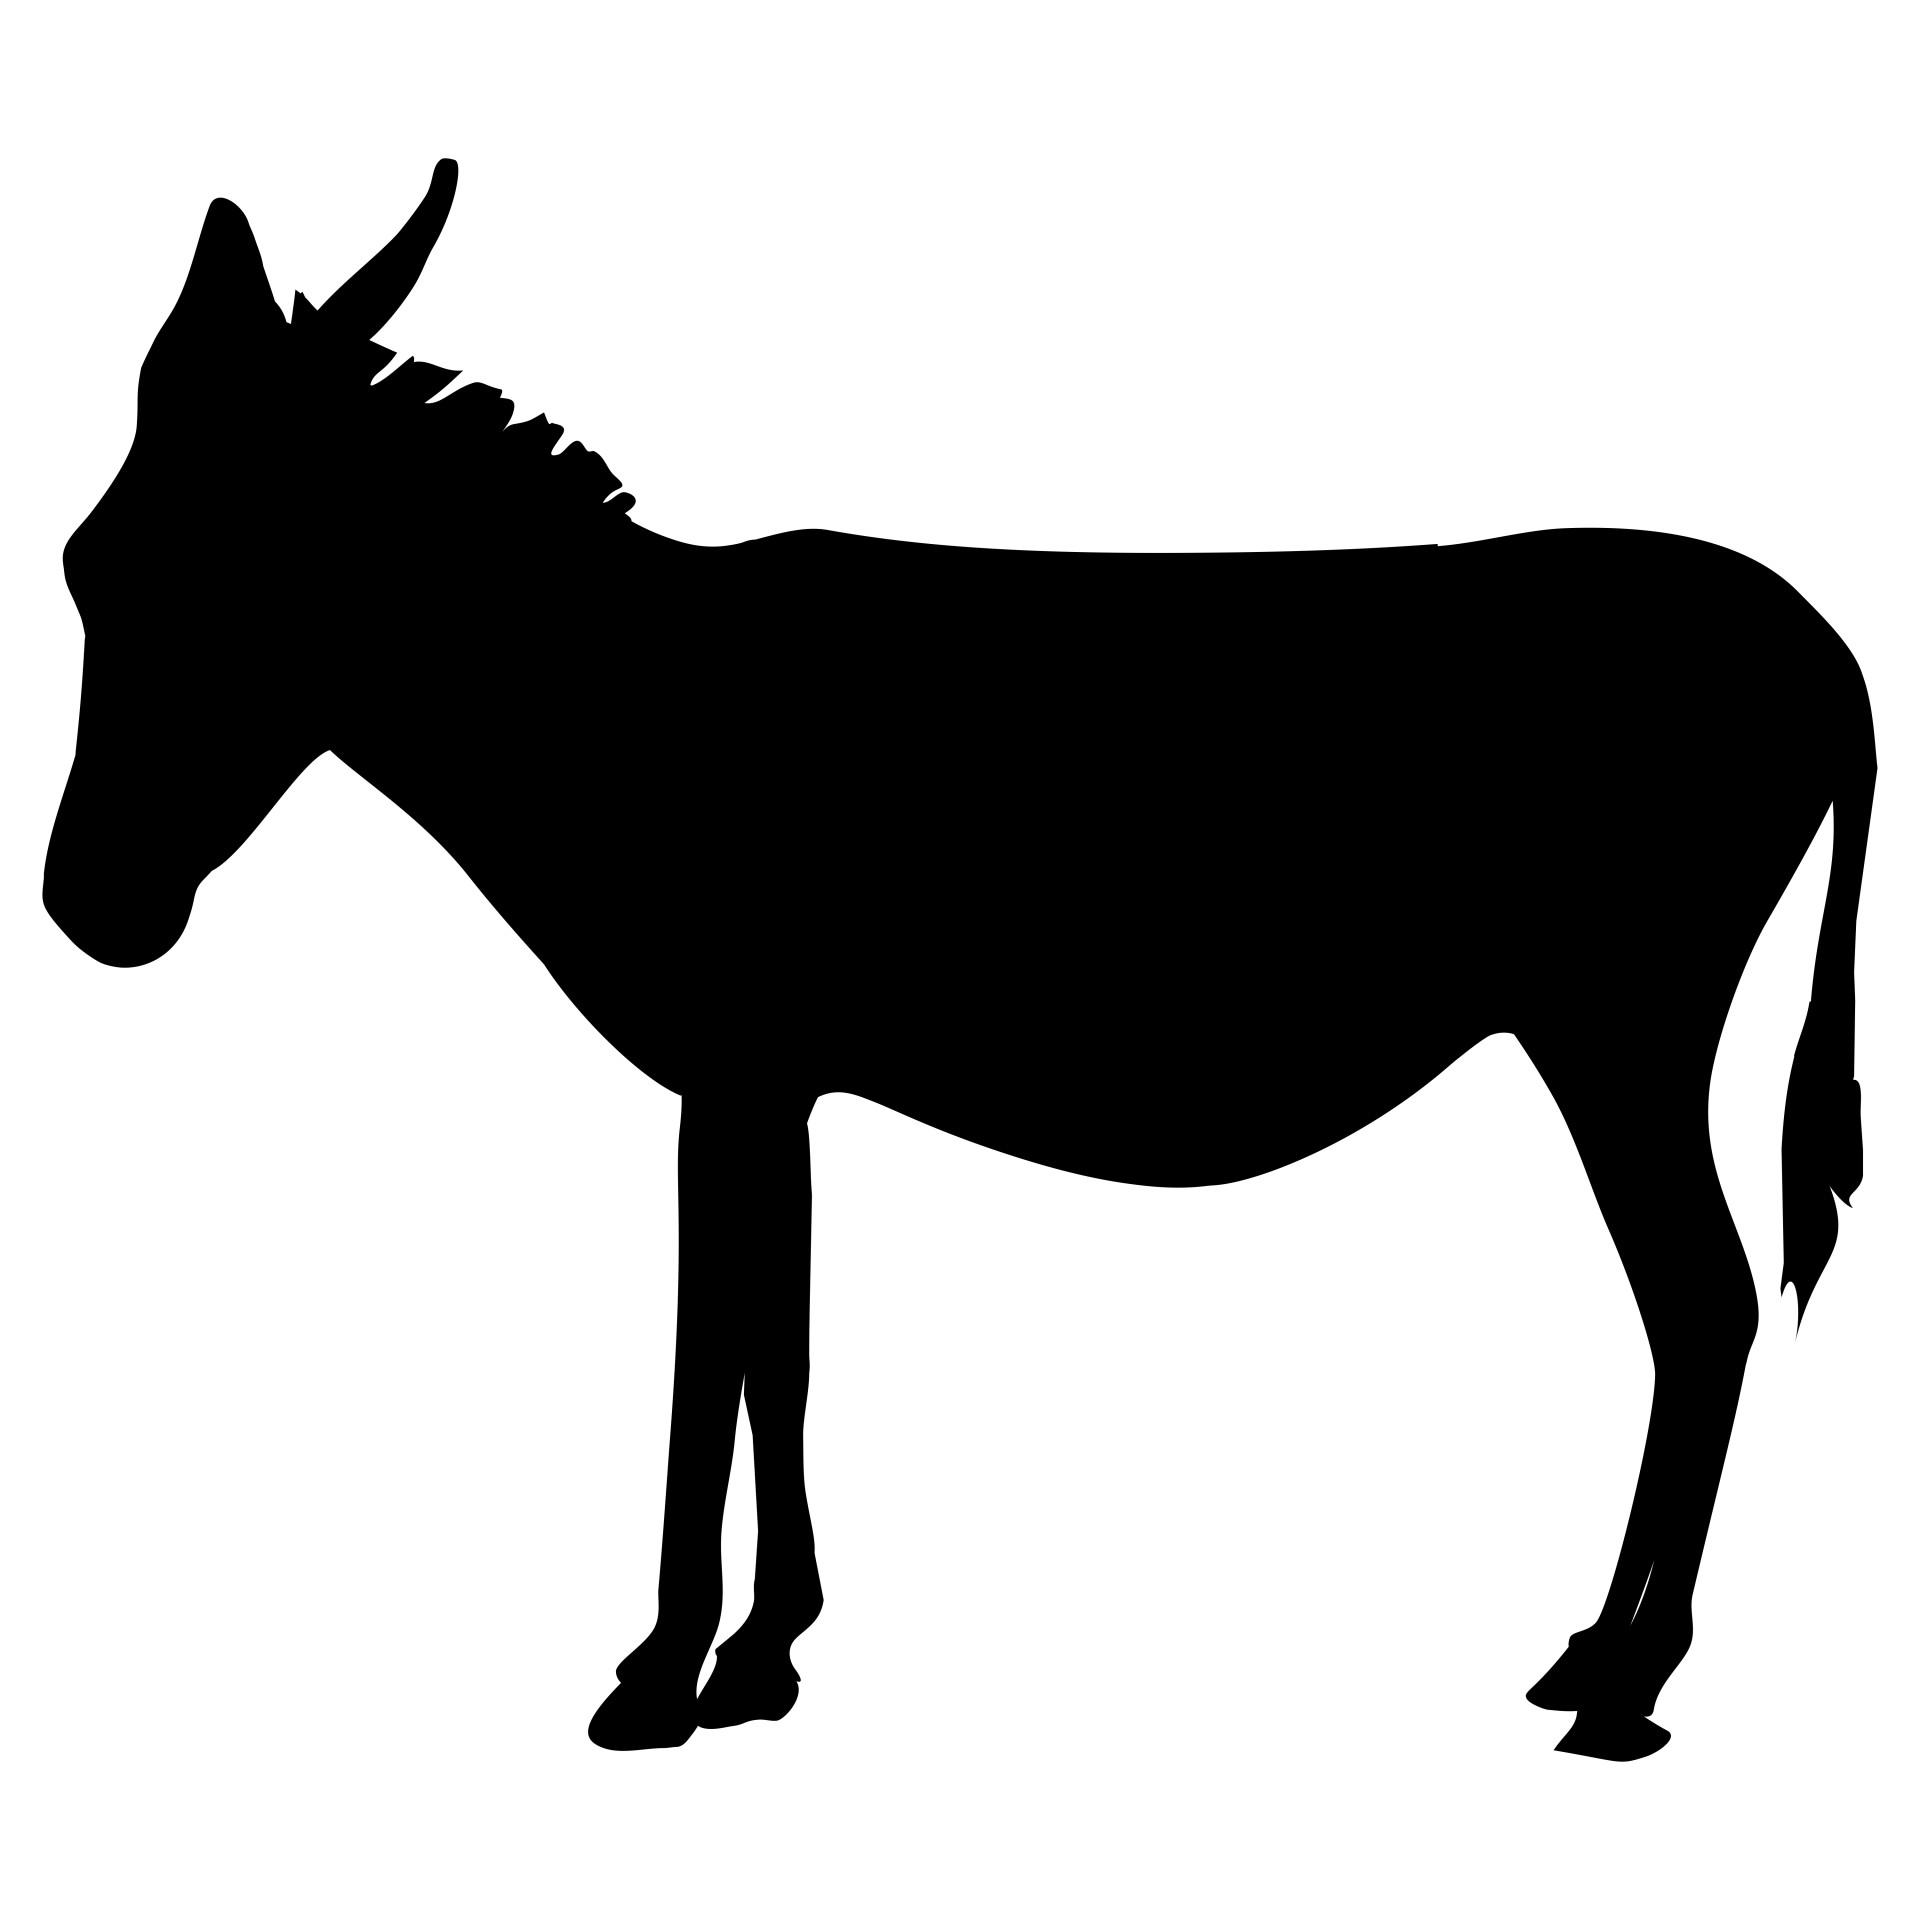 1920x1920 Donkey Free Stock Photo